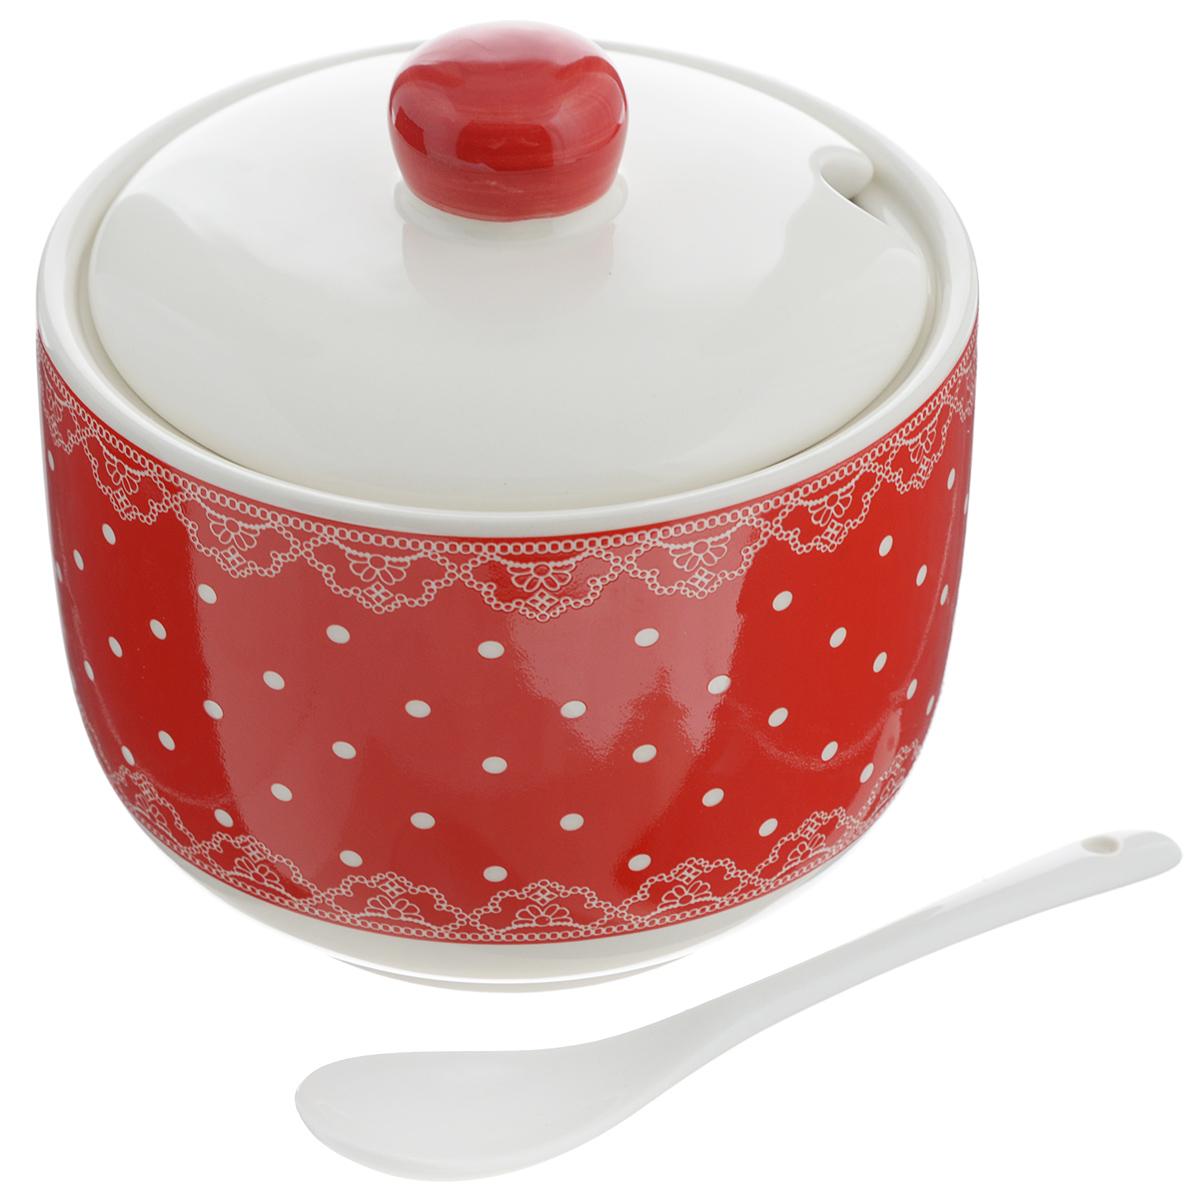 Сахарница Loraine, с ложкой, 520 мл. 2581525815Сахарница Loraine с крышкой и ложкой изготовлена из доломита и украшена ярким узором. Емкость универсальна, подойдет не только для хранения сахара, но и для меда или специй. Вкрышке предусмотрено отверстие для ложки.Можно мыть в посудомоечной машине. Диаметр сахарницы (по верхнему краю): 11 см.Диаметр основания: 7,5 см.Высота сахарницы (без учета крышки): 8,5 см.Высота сахарницы (с учетом крышки): 11,5 см.Объем сахарницы: 520 мл.Длина ложки: 12,7 см.